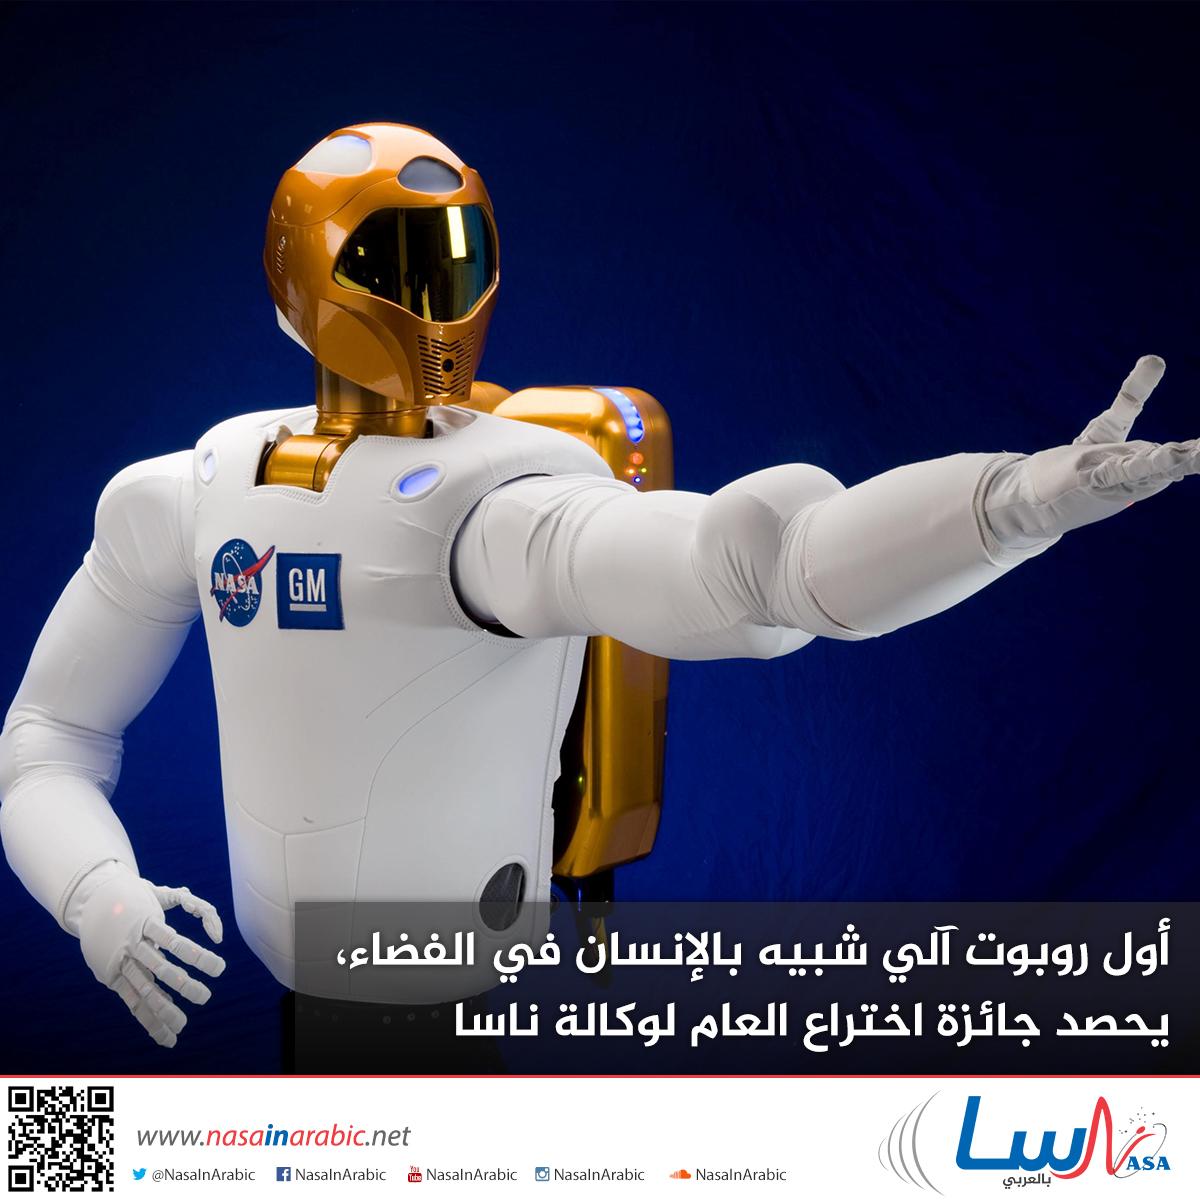 أول روبوت آلي شبيه بالإنسان في الفضاء ينال جائزة اختراع العام لوكالة ناسا